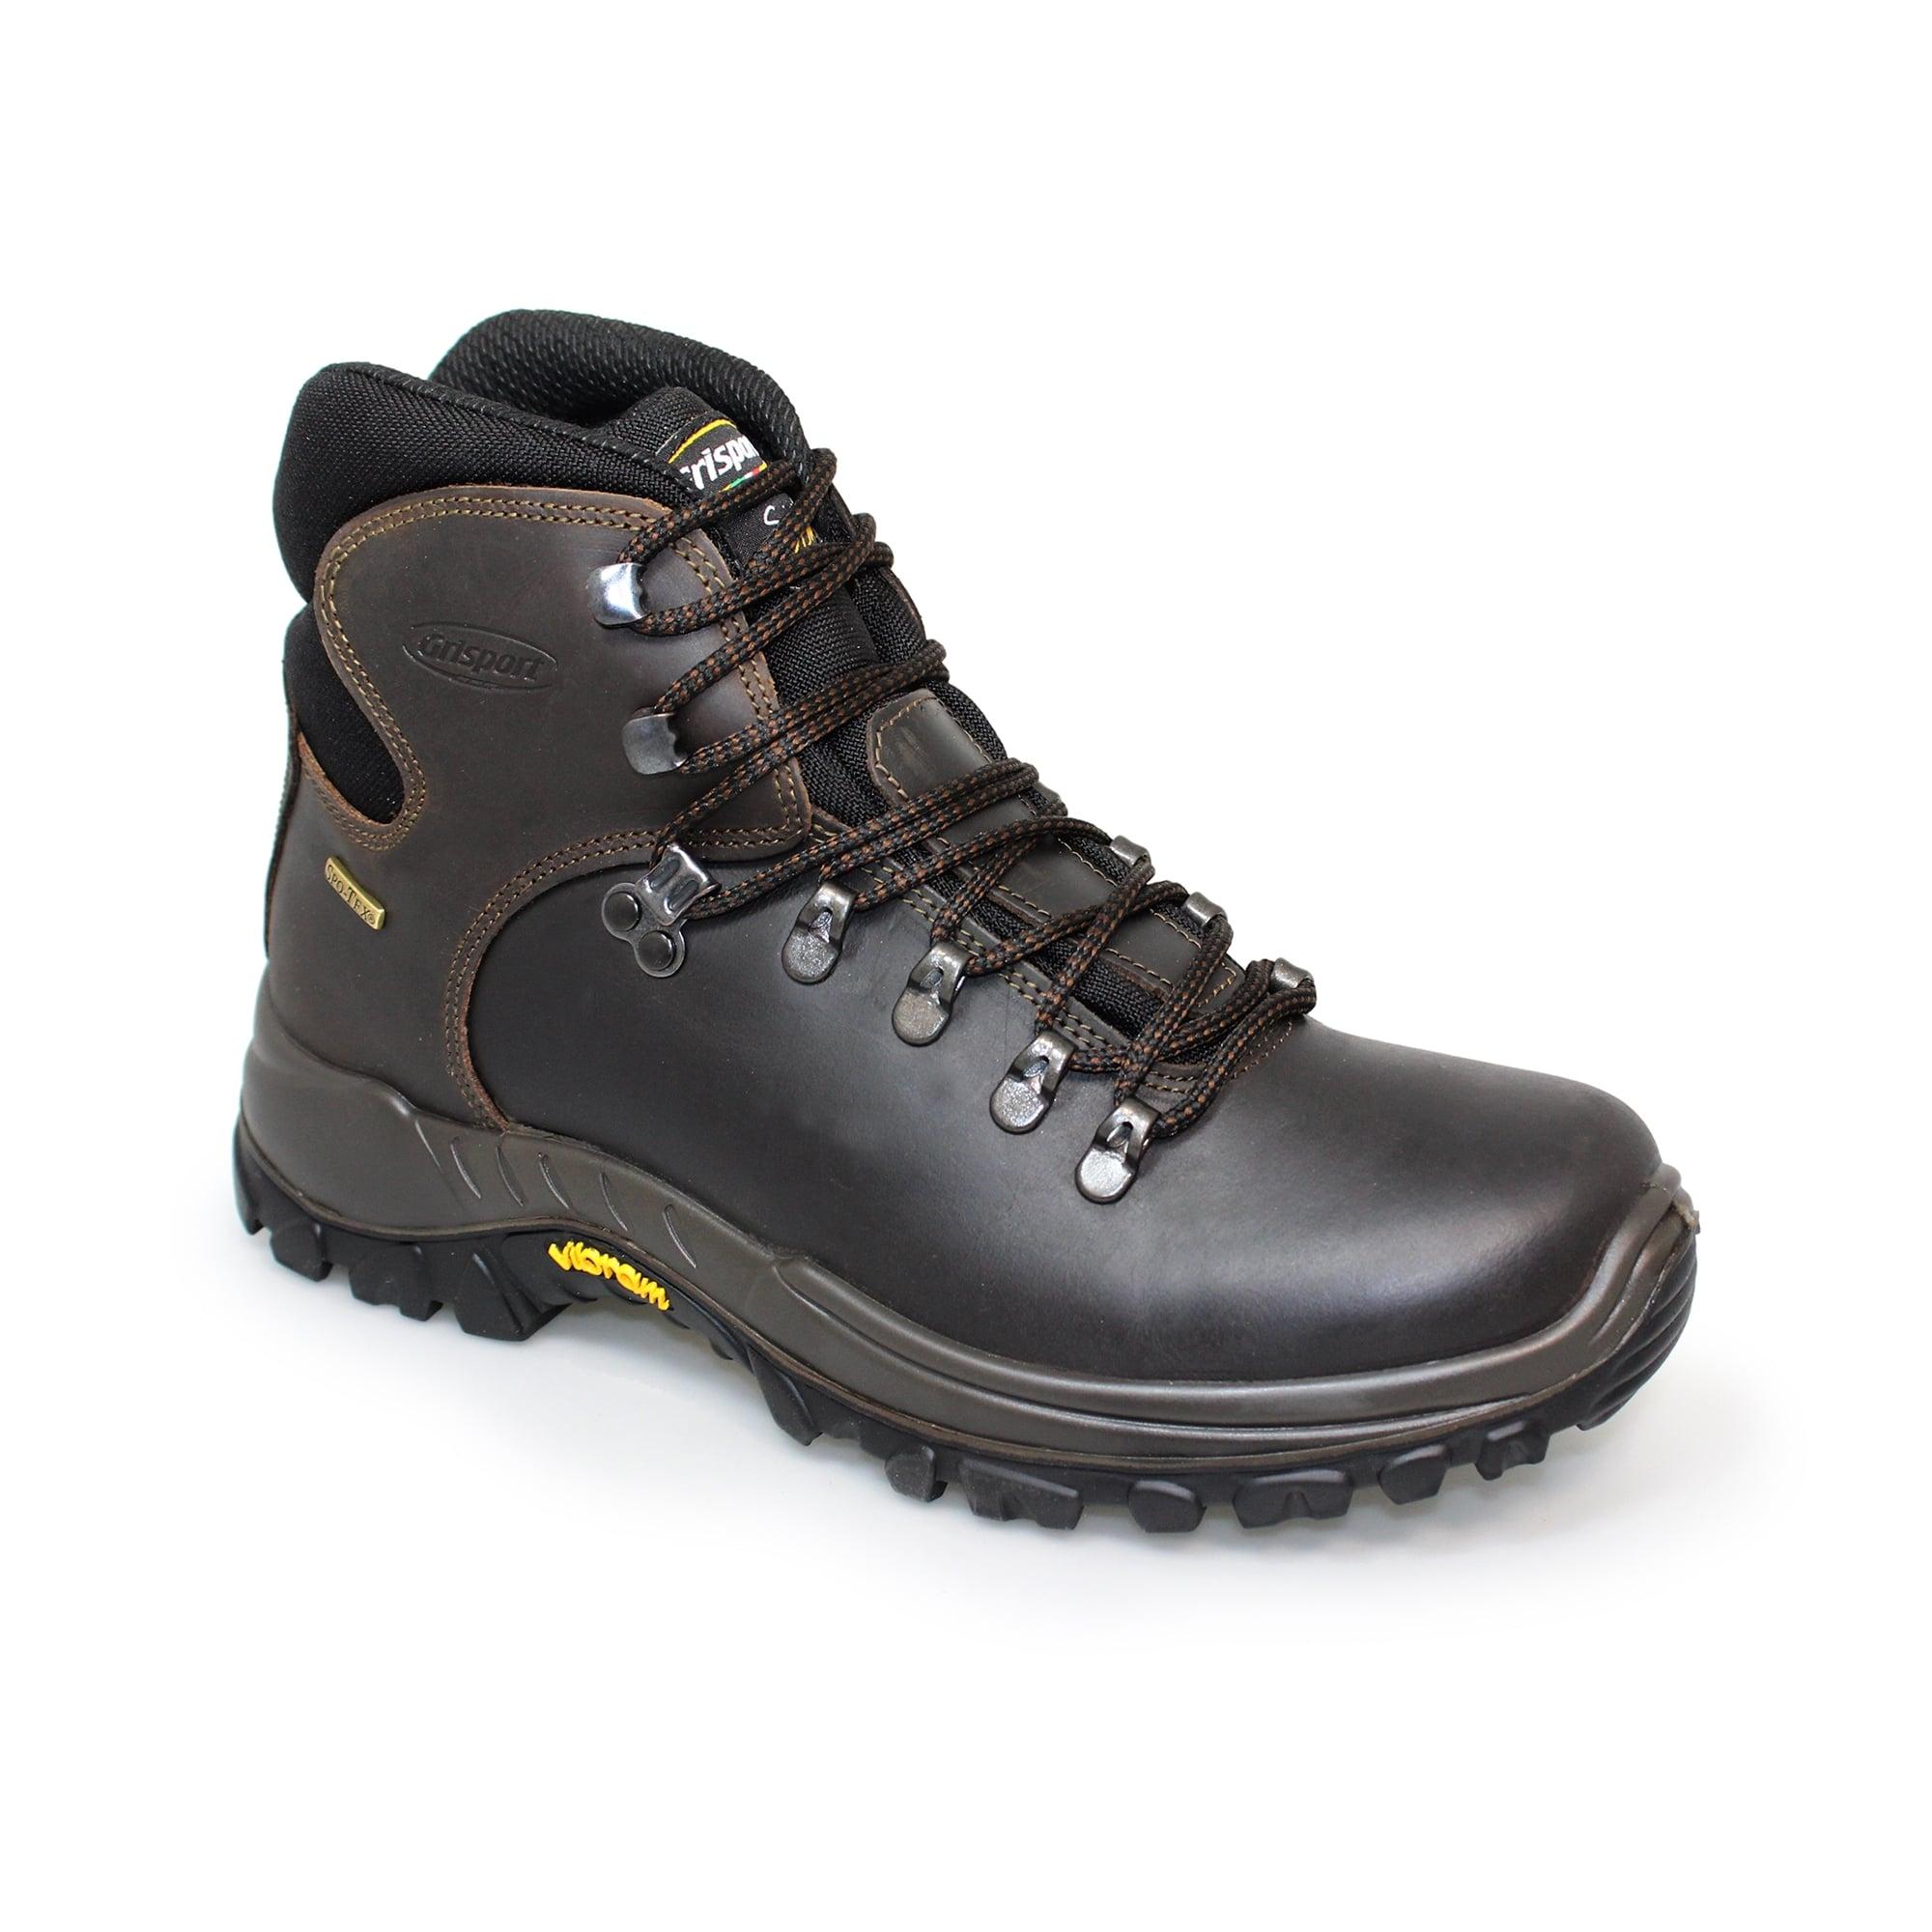 8a4773a2b9f Gri Sport Everest Hiking Boots